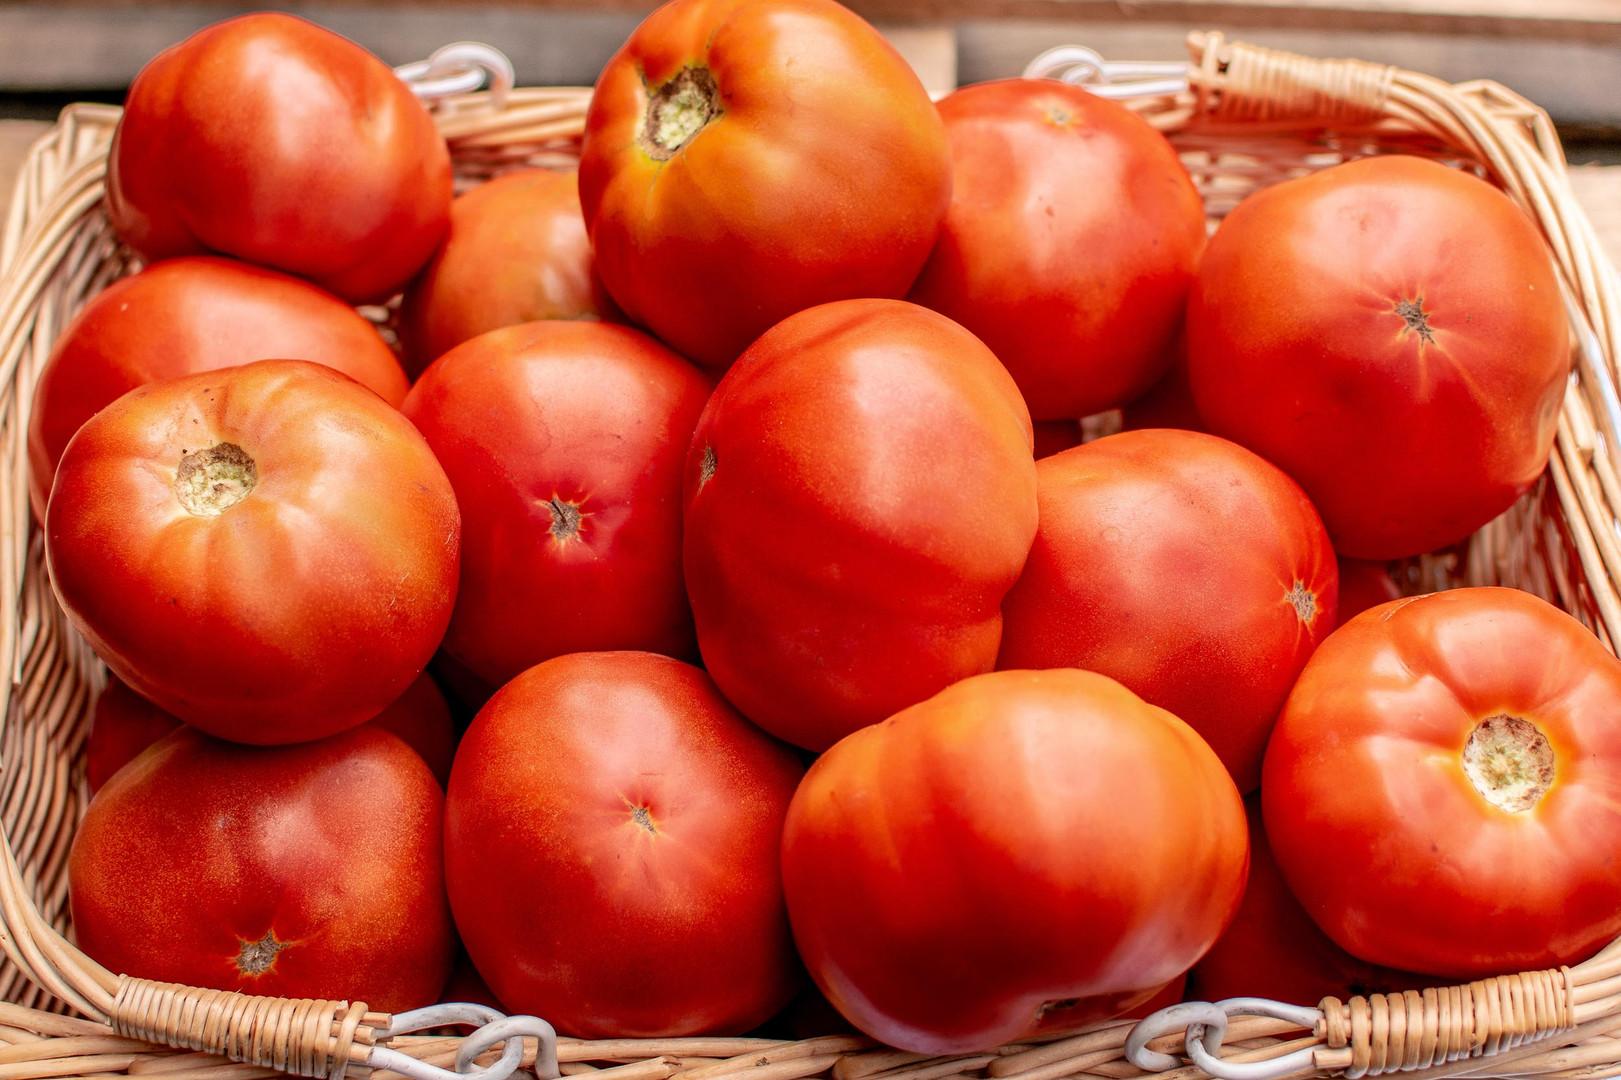 Farmers Alliance_Tomatoes in Basket 2.jp